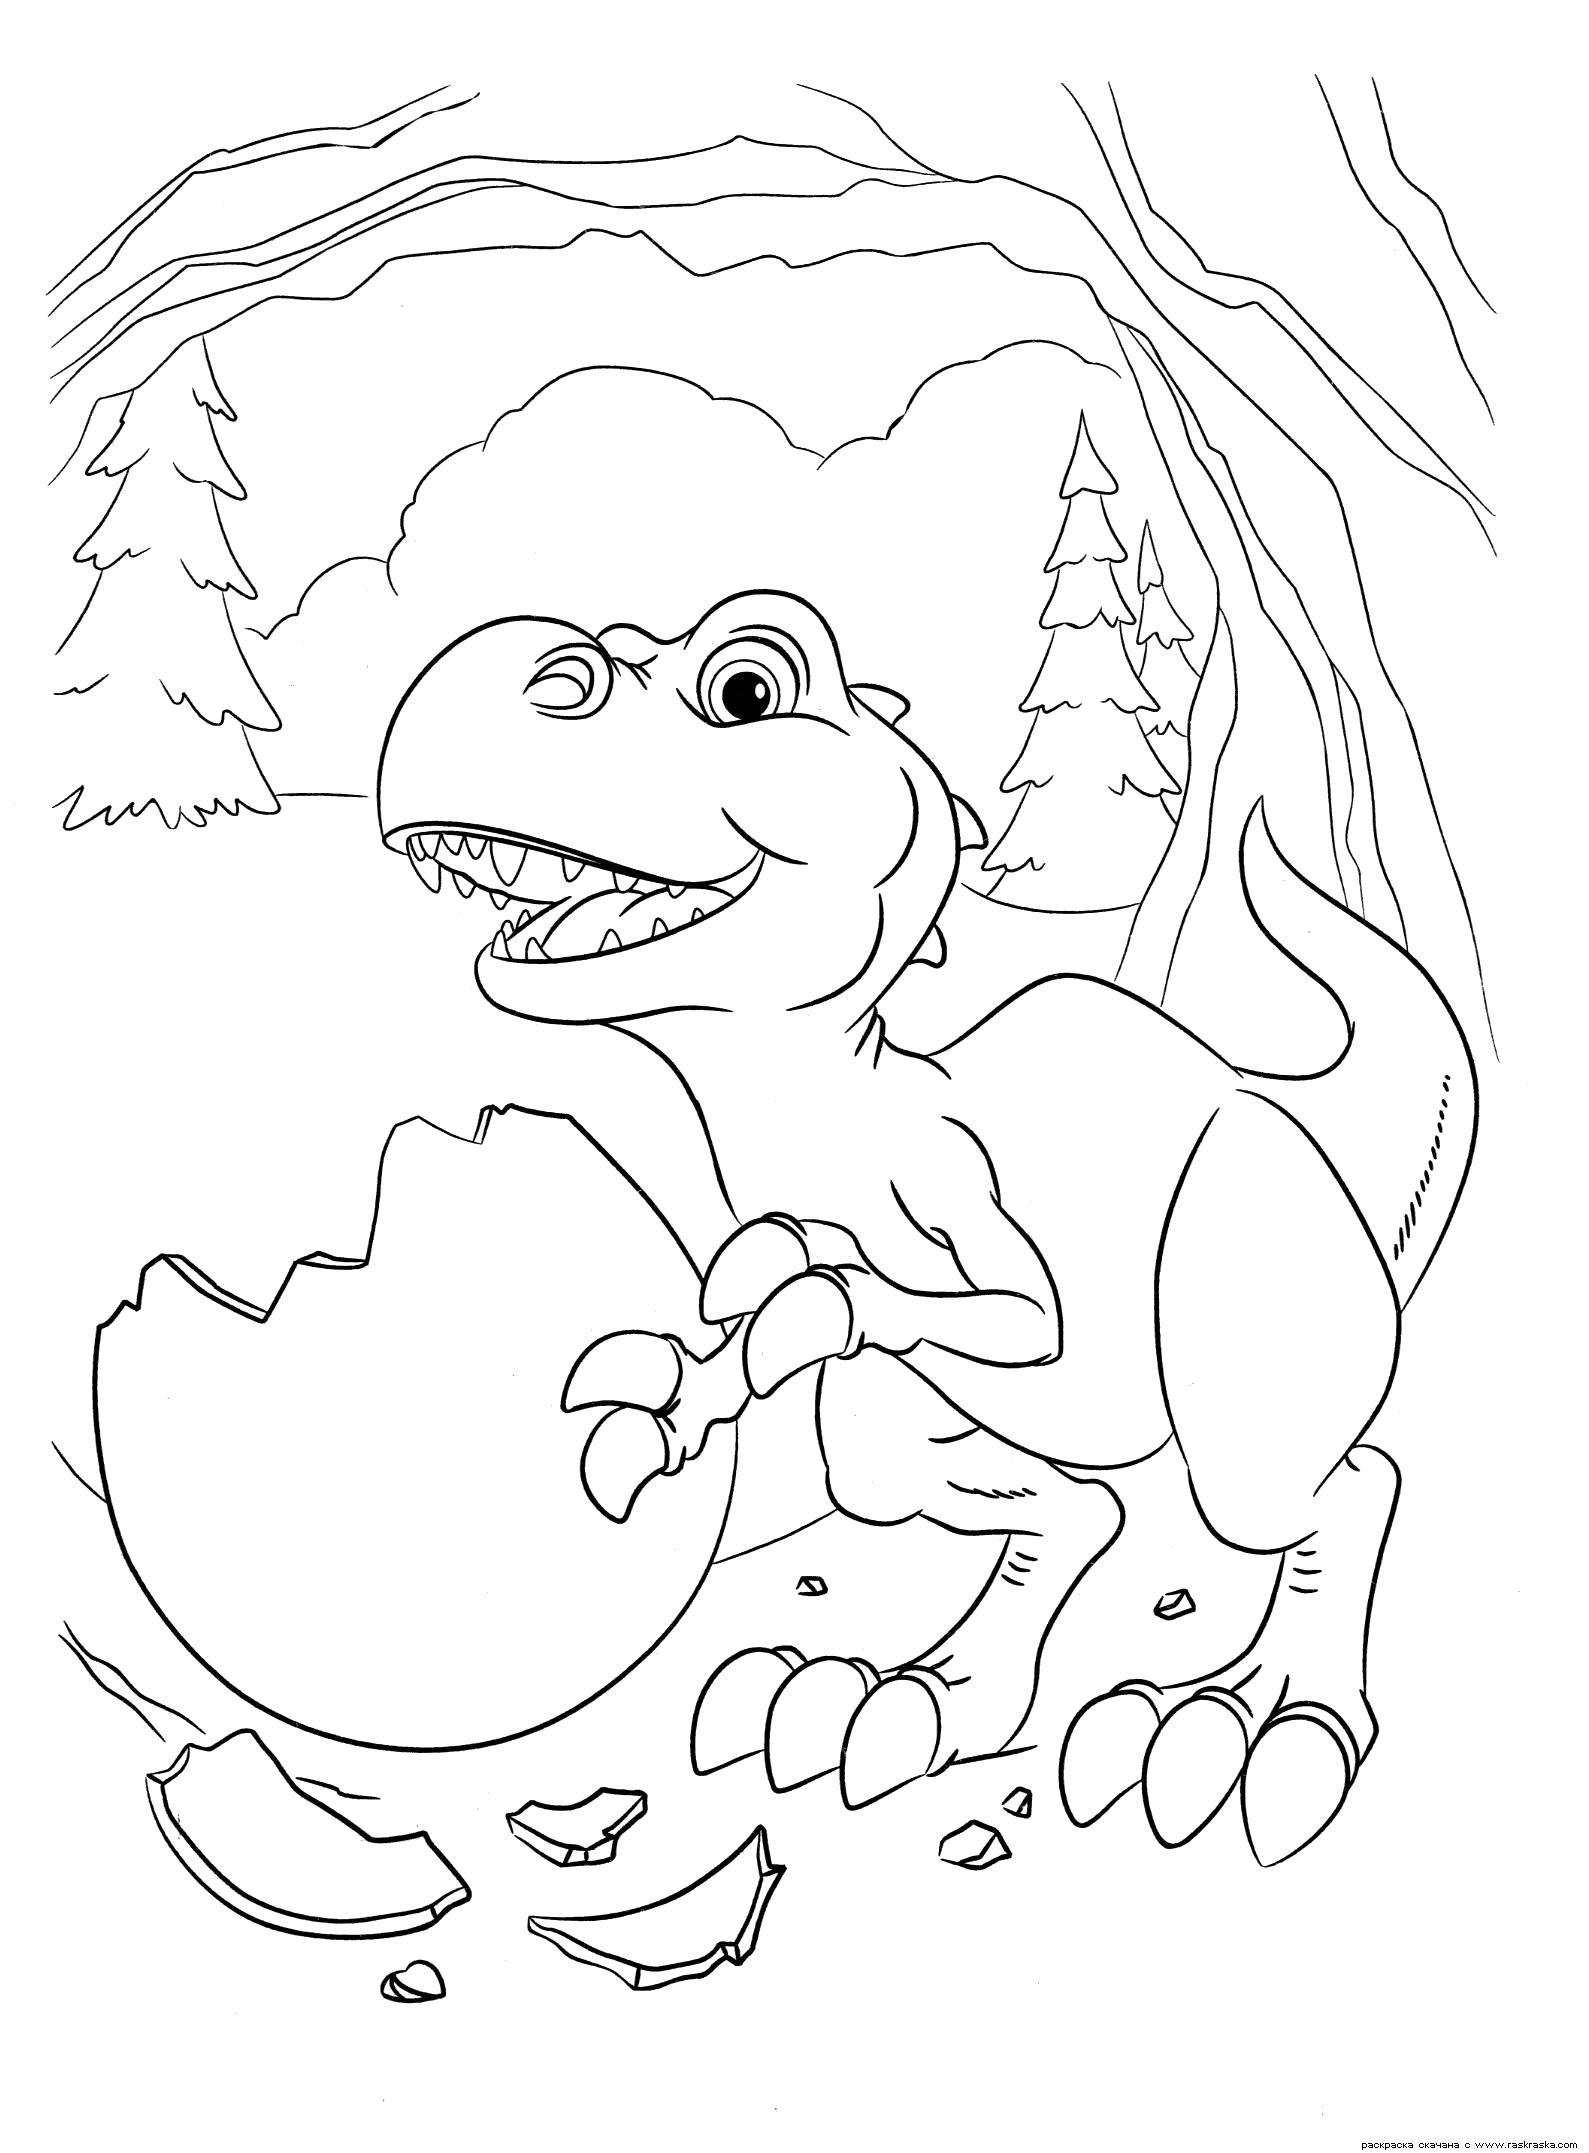 Раскраски динозавр, Раскраски картинки для всех возростов.